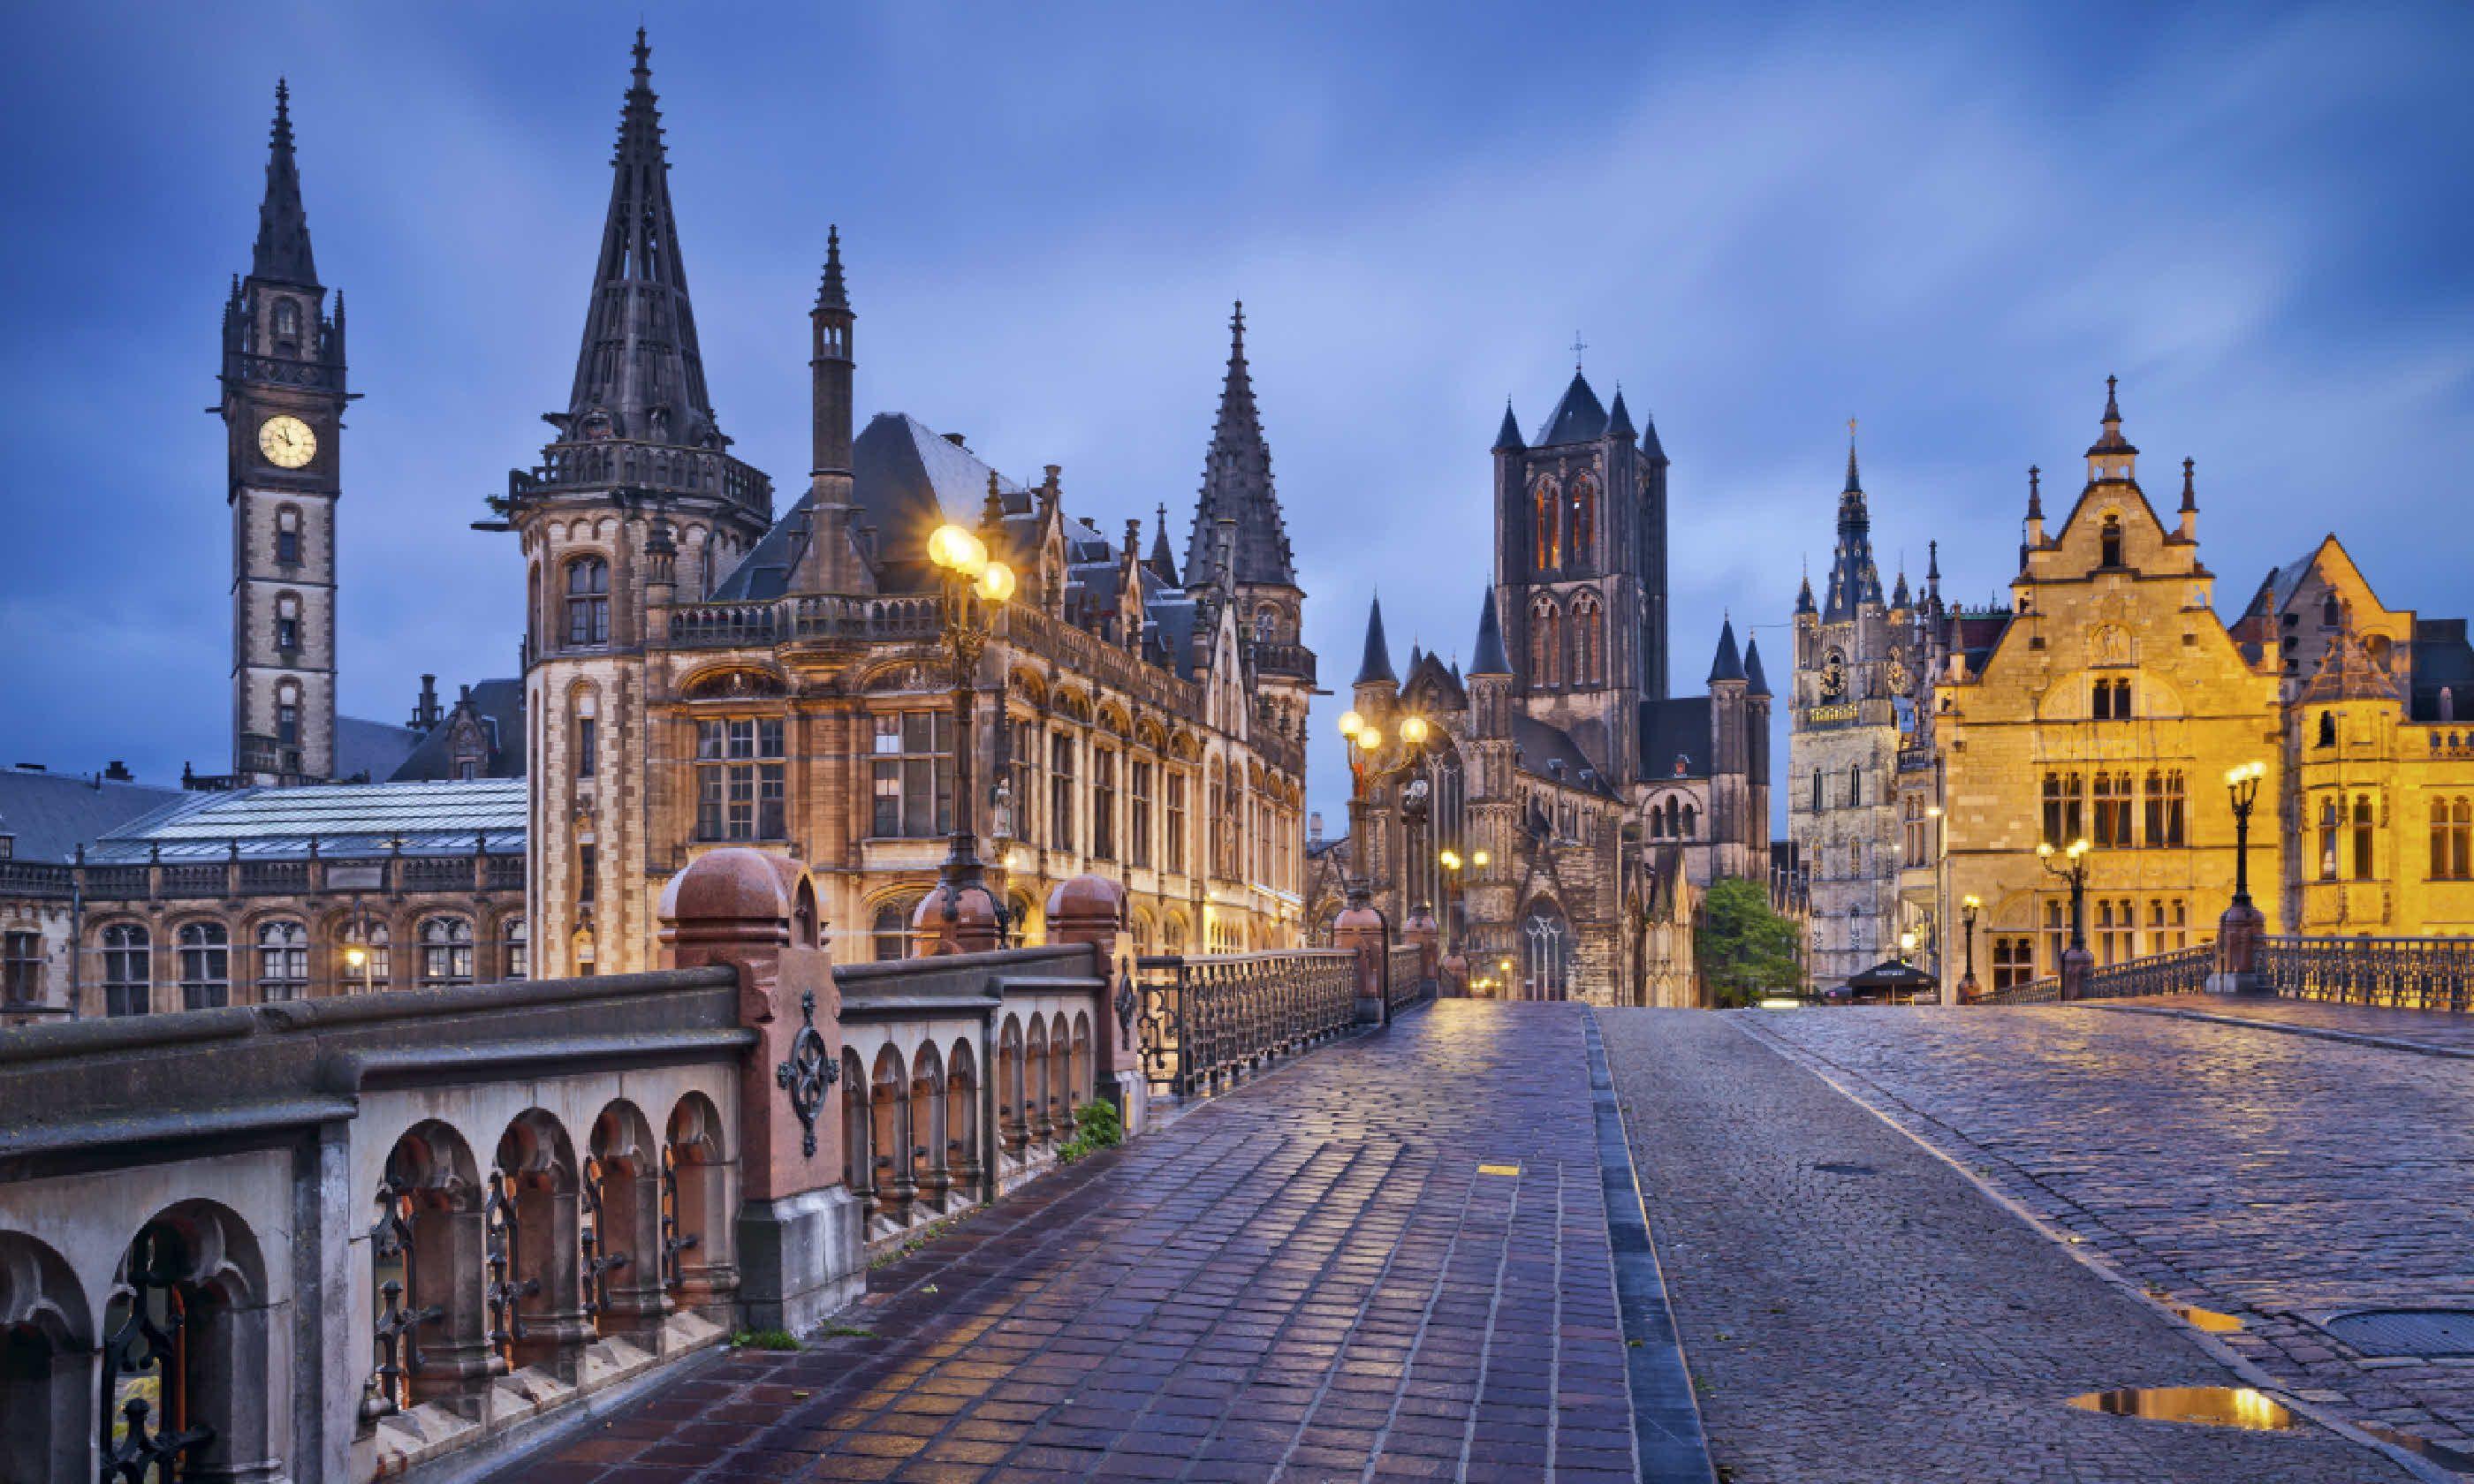 Ghent, Belgium (Shutterstock)